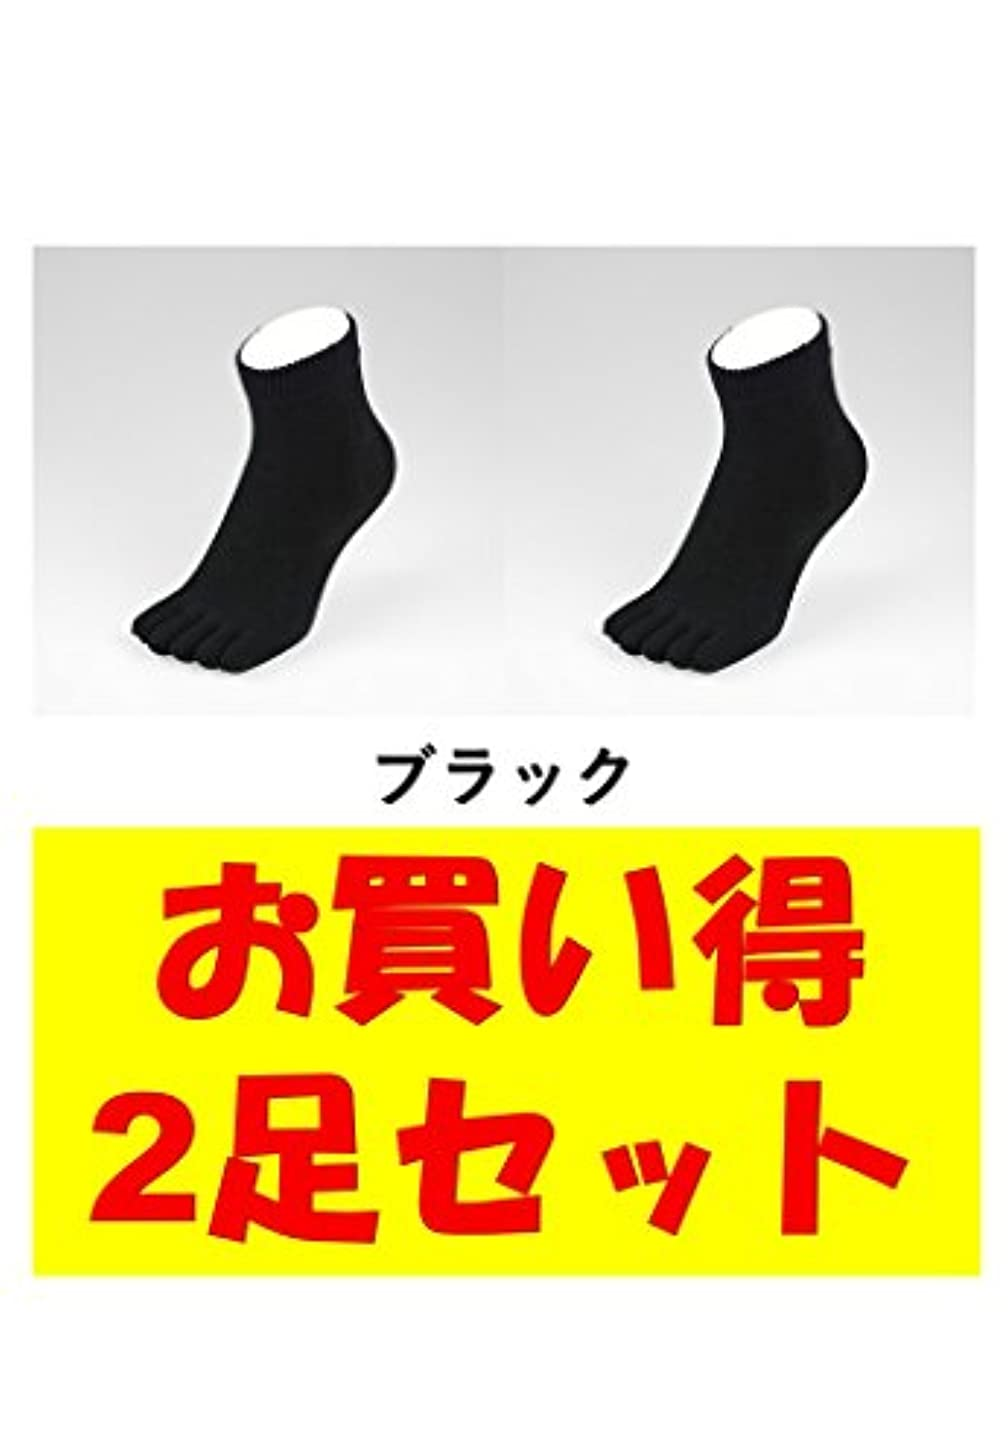 裕福なナチュラル裕福なお買い得2足セット 5本指 ゆびのばソックス Neo EVE(イヴ) ブラック Sサイズ(21.0cm - 24.0cm) YSNEVE-BLK